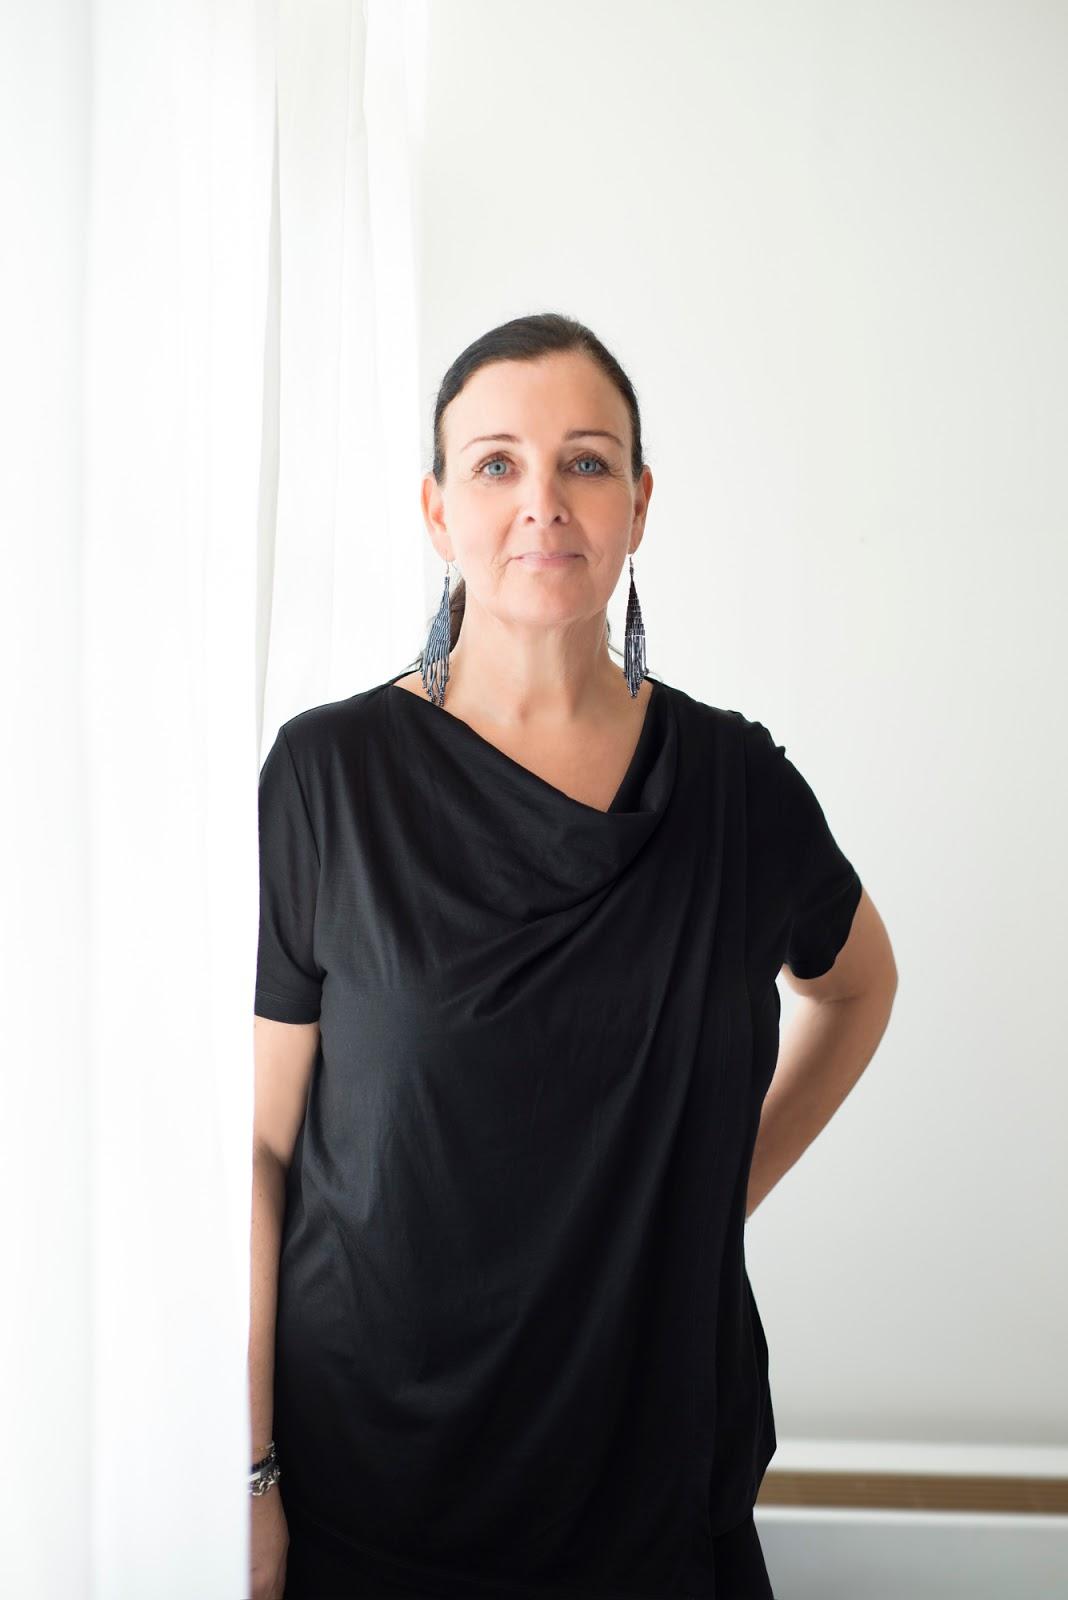 Susanne Panknin. Hamburger Mensch #218